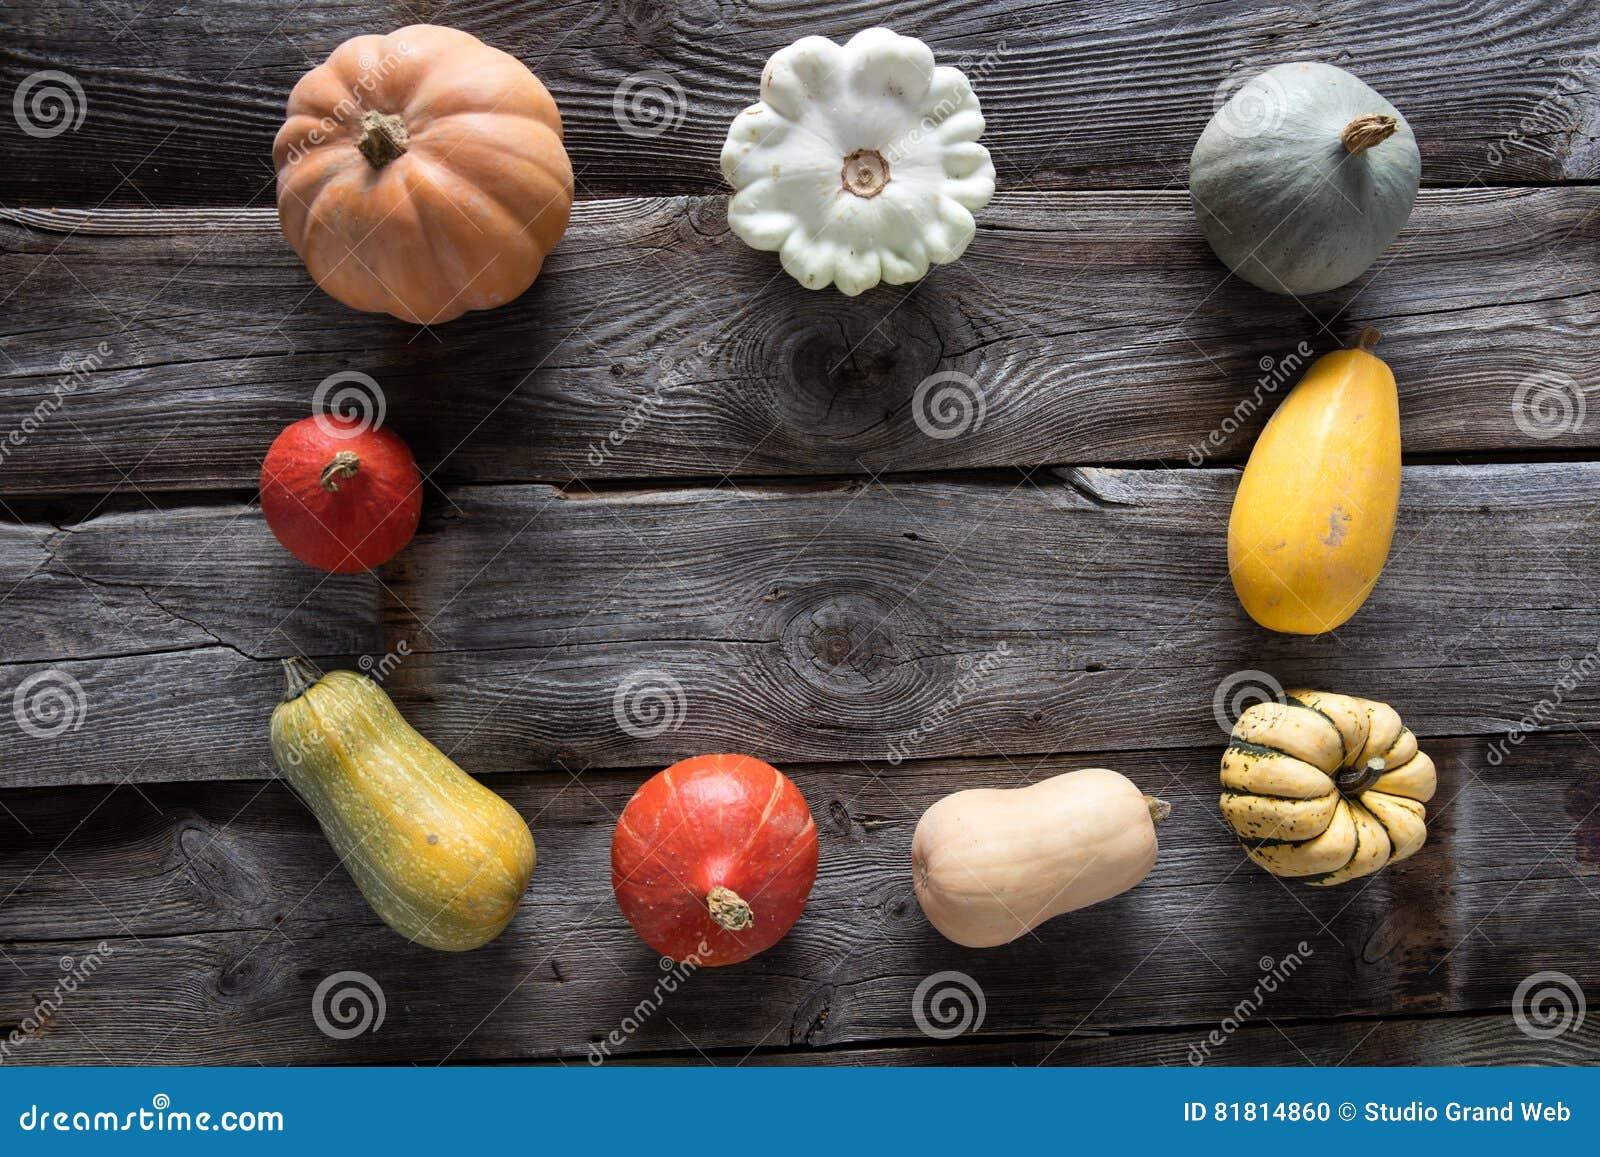 Сезонная рамка тыкв, сквошей и тыкв для вегетарианского меню